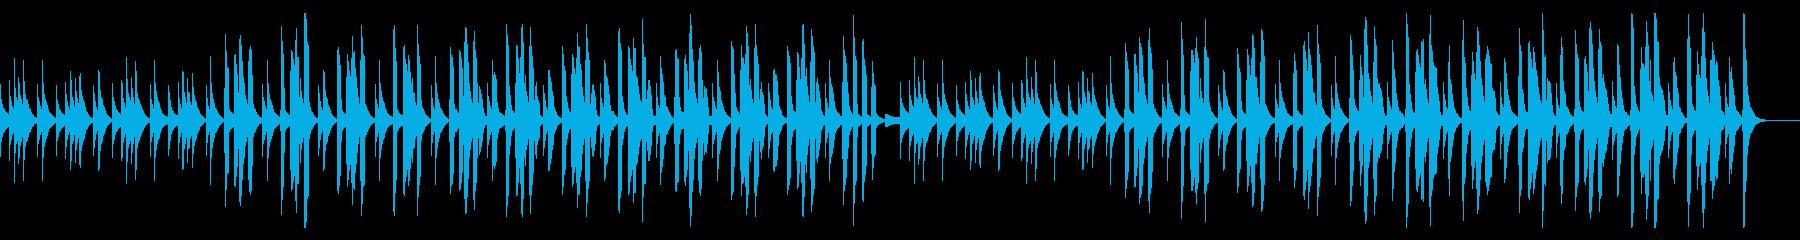 ピタゴラスイッチ風リコーダー使用BGMの再生済みの波形